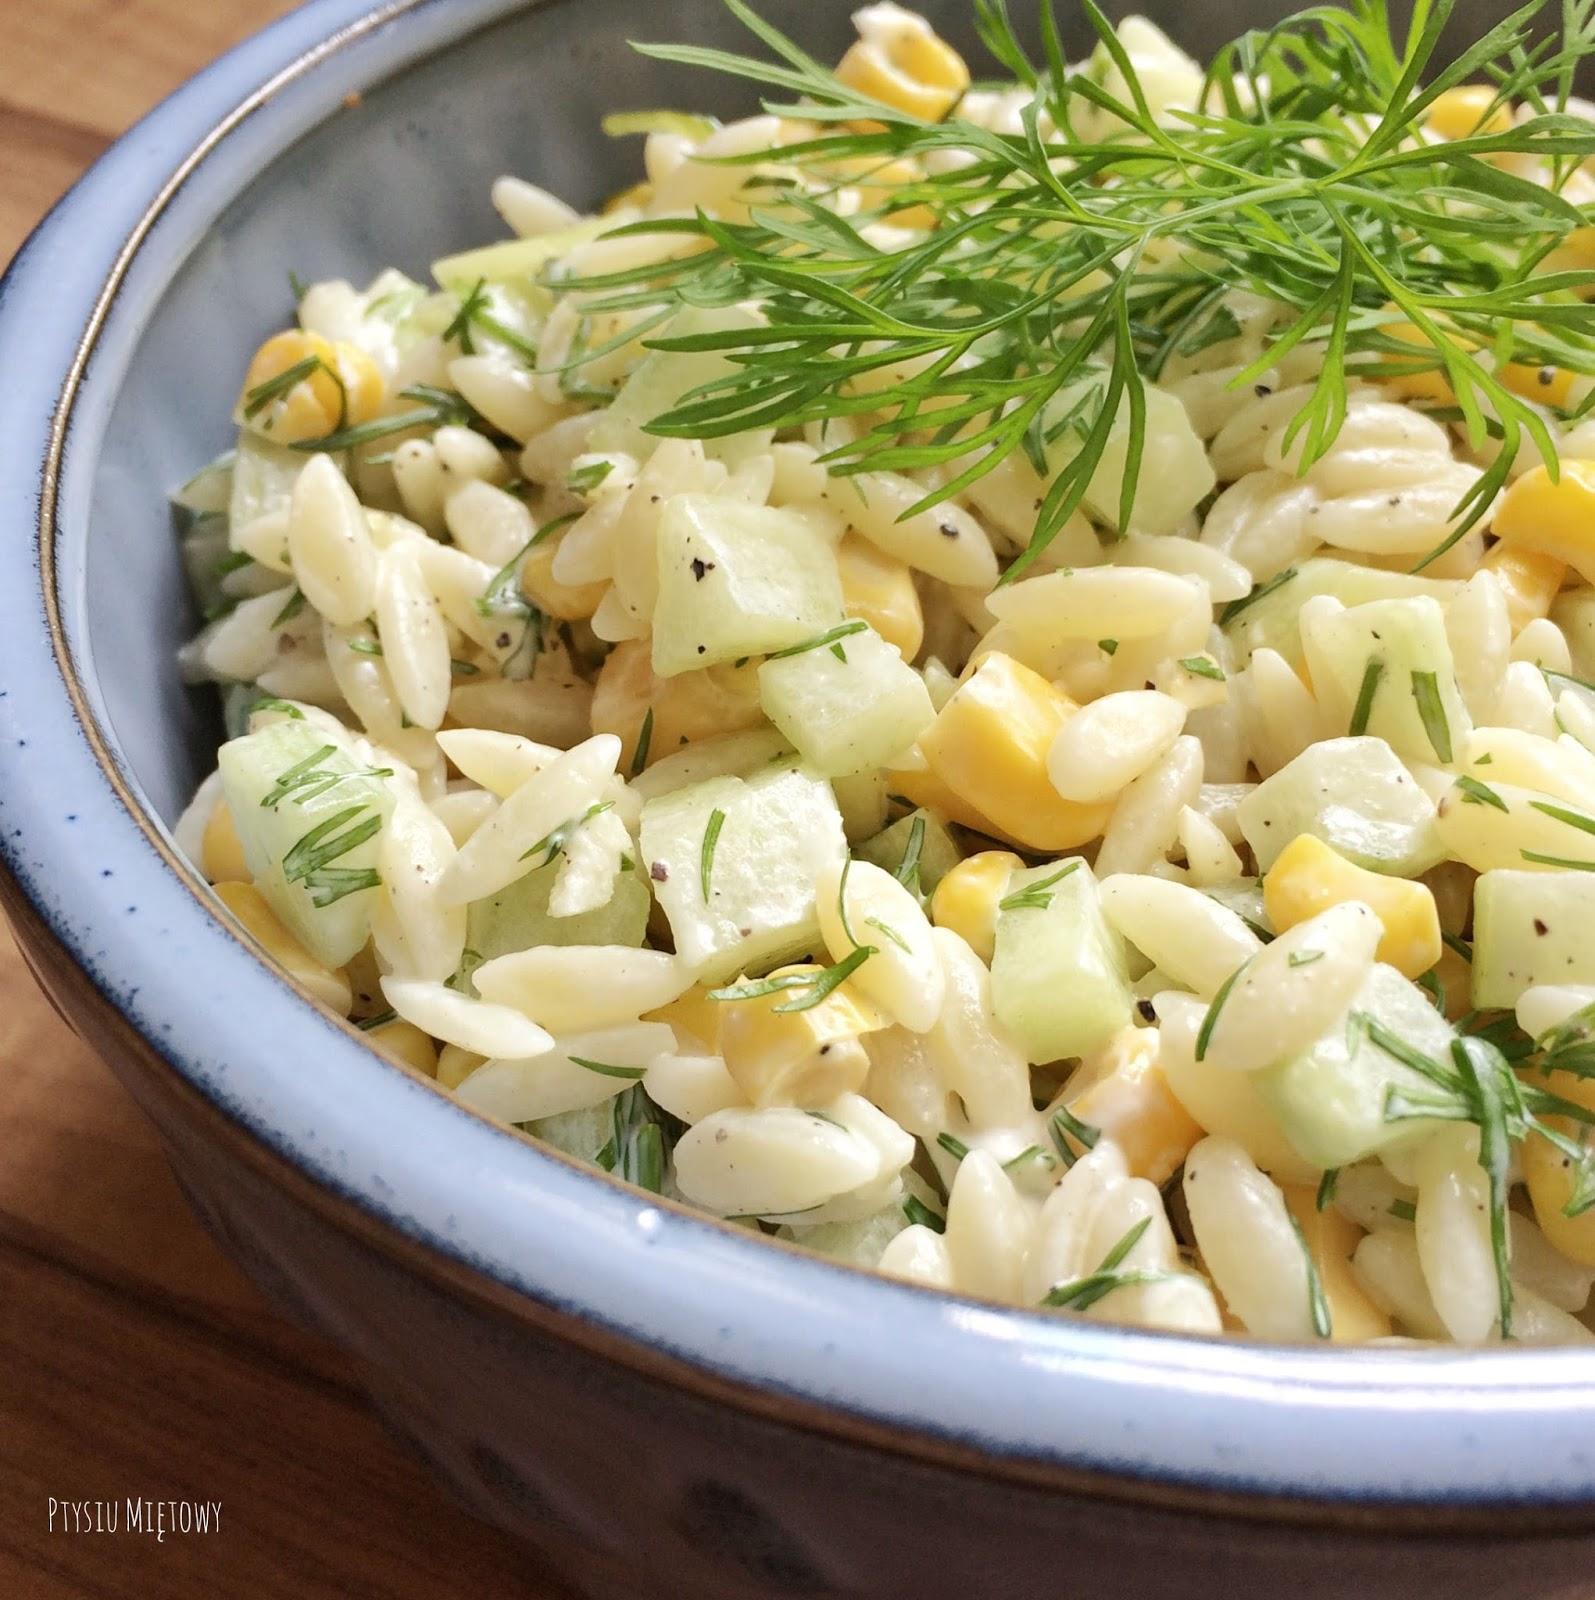 salatka, ptysiu mietowy